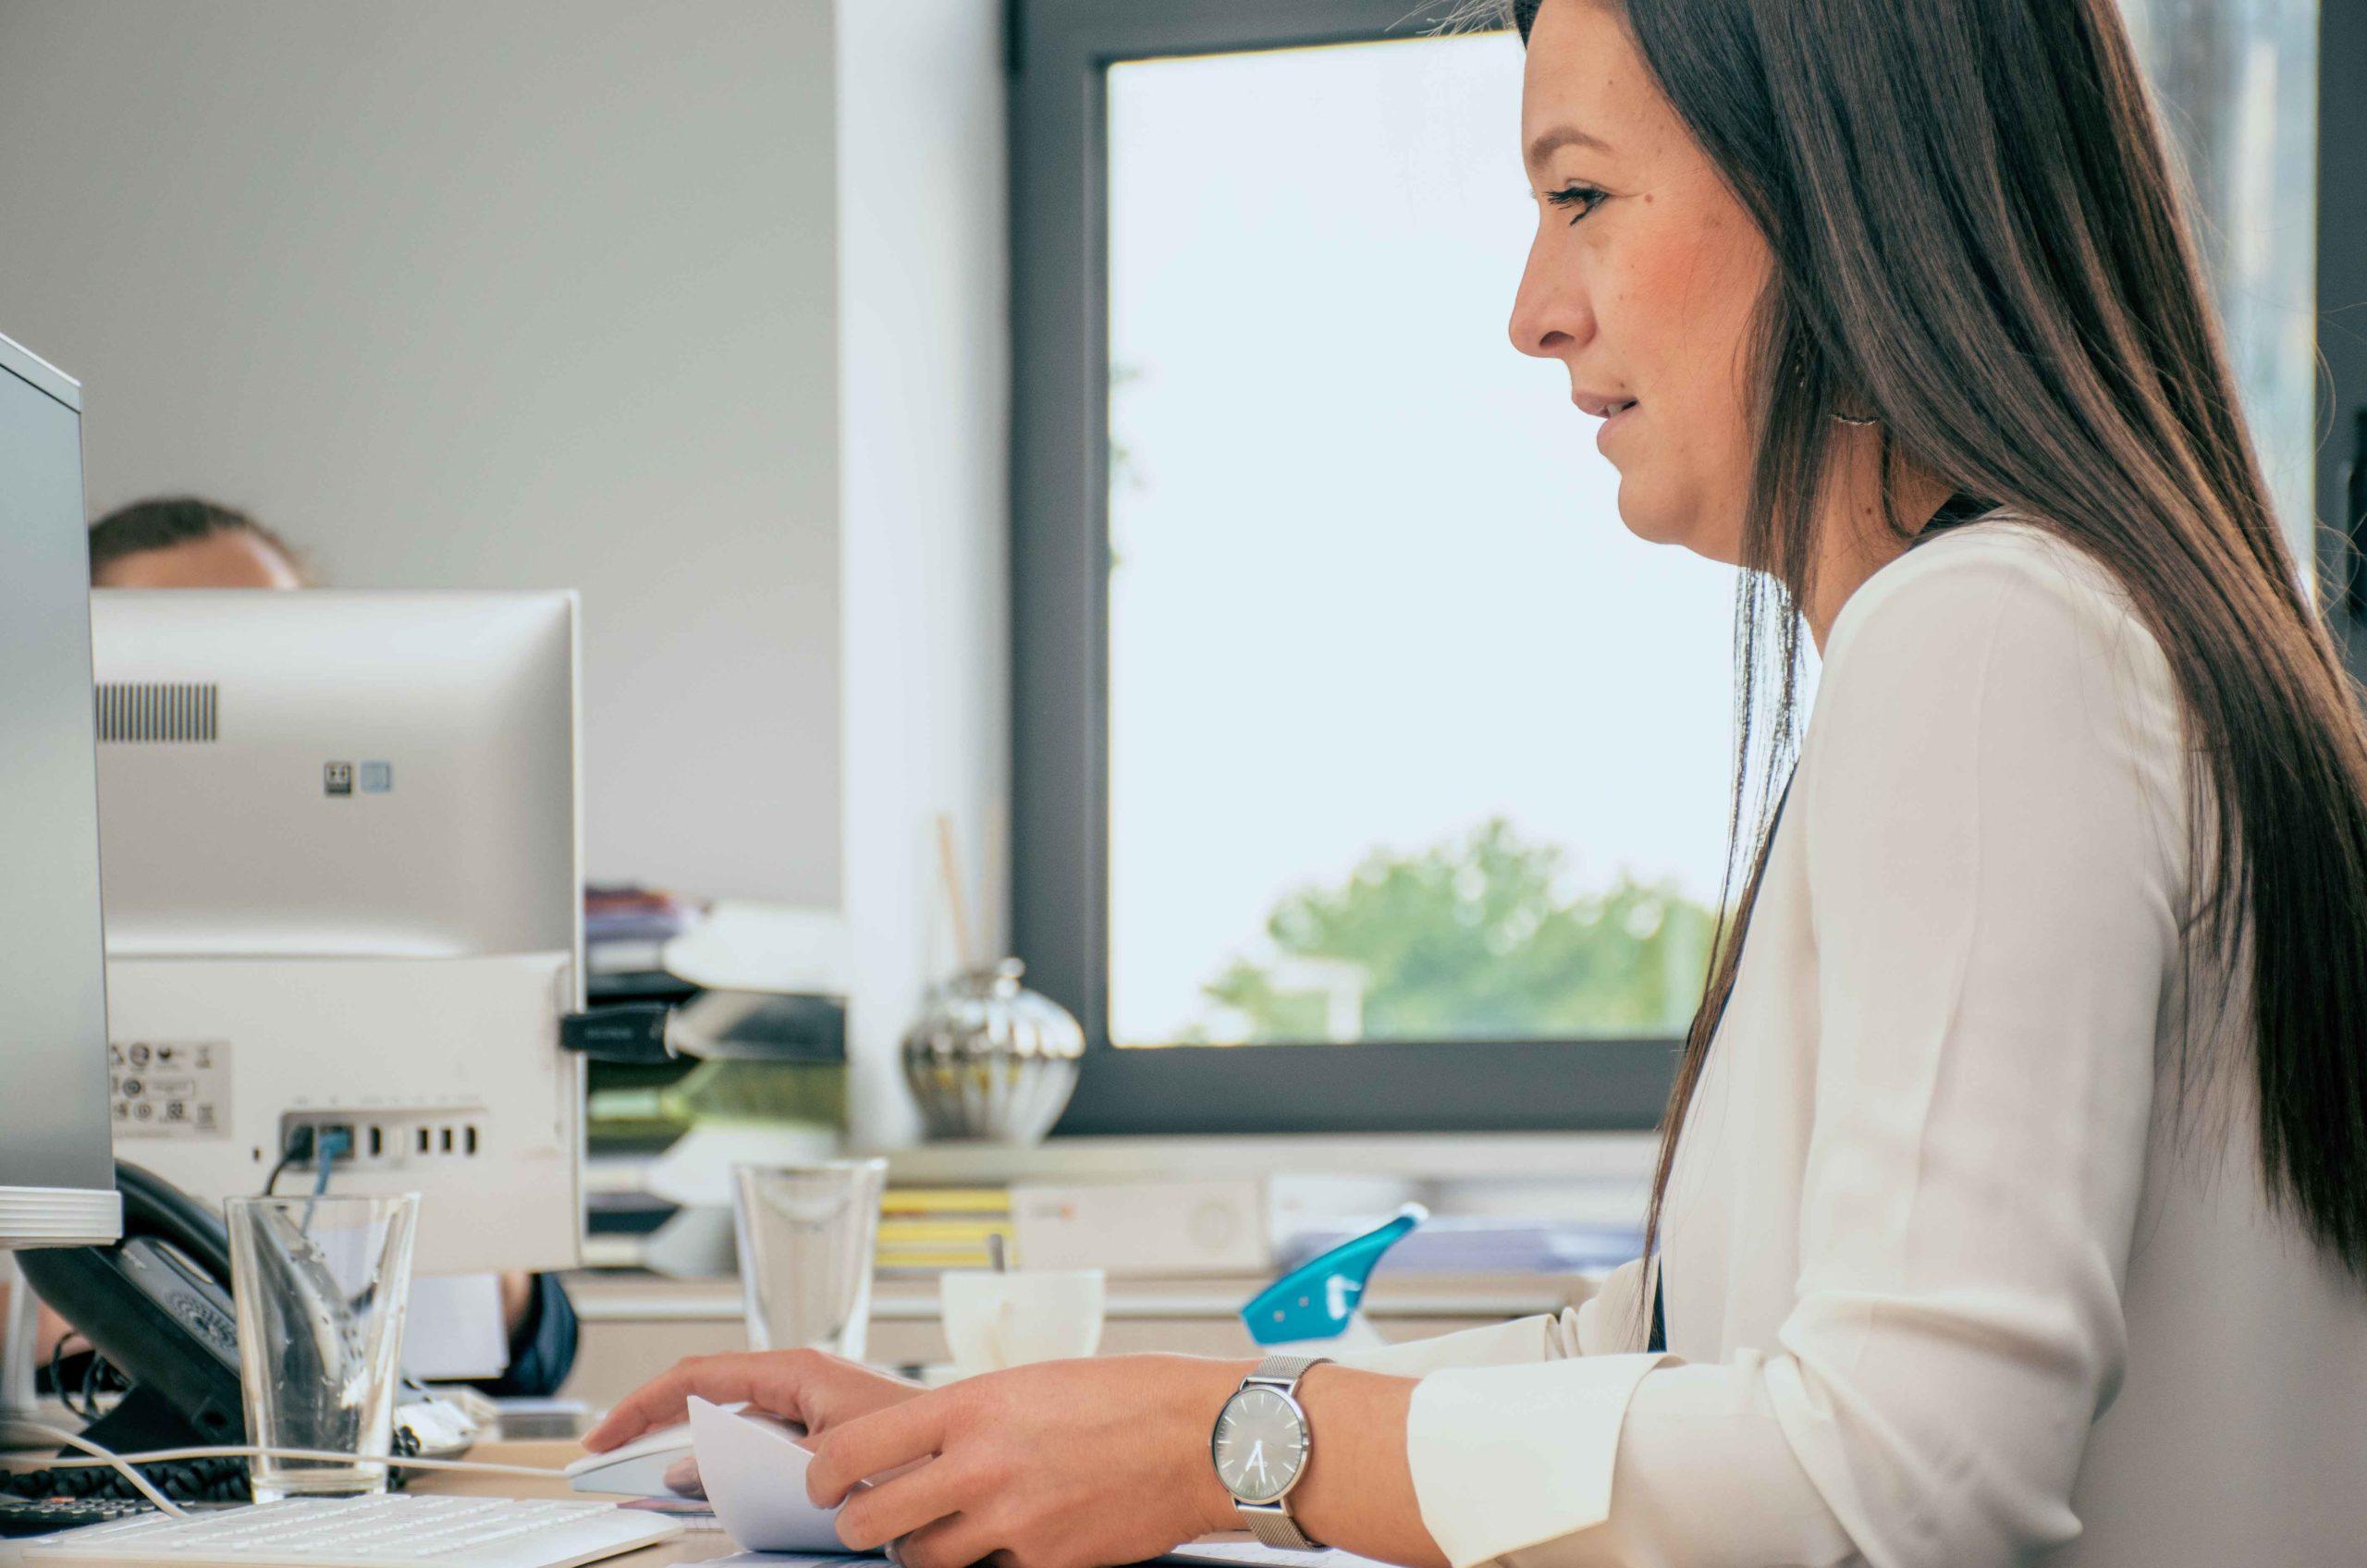 fiscalis uspješno poslovanje klijenata računovodstvo savjeti savjetovanje računovodstvene usluge knjigovodstvo zagreb poslovanje bolji poslovni rezultati rad